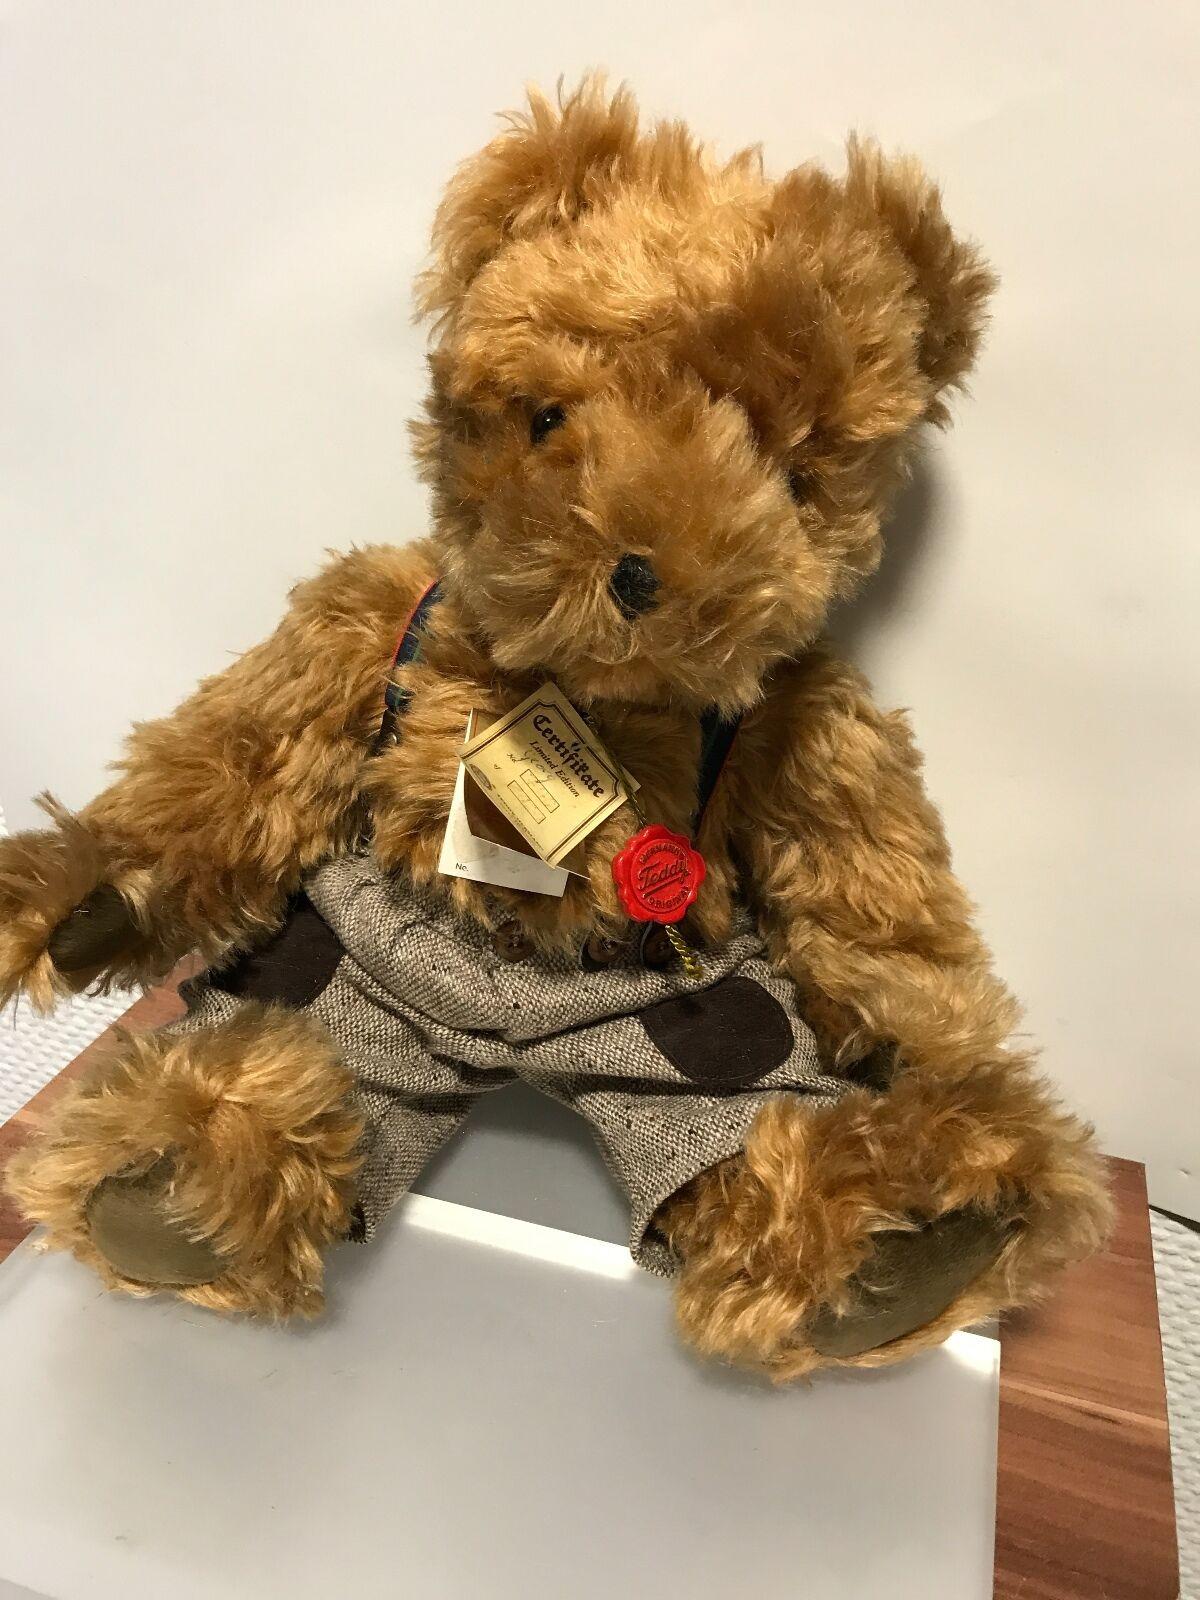 Hermann Teddy Bär 42 cm. Mit Etikett. Unbespielt. Top Zustand  | Moderne und stilvolle Mode